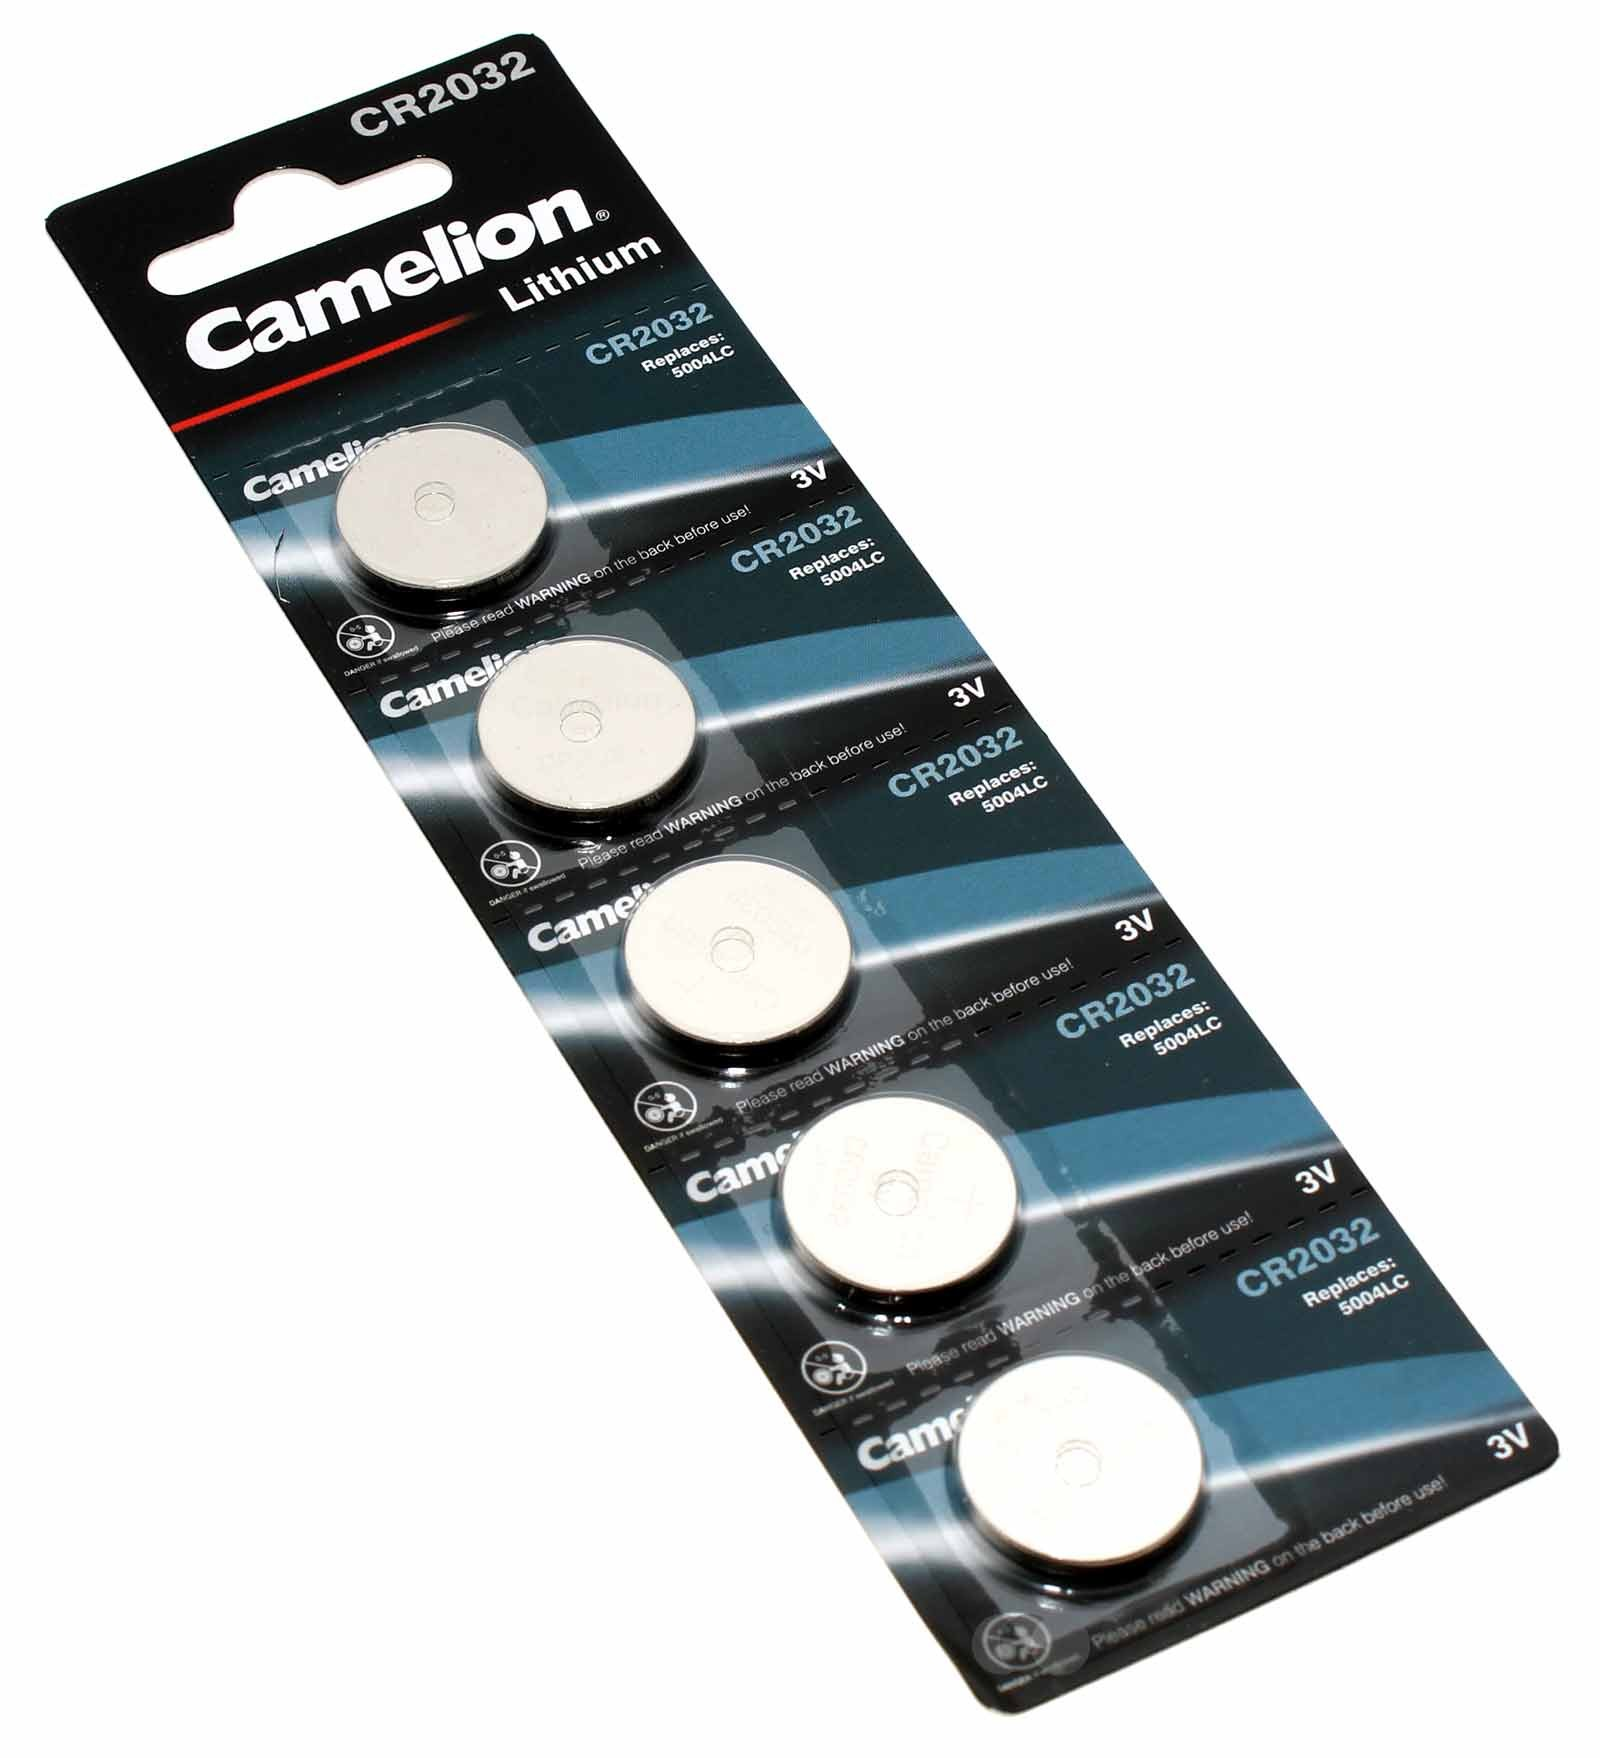 5x Camelion CR2032 [CR2032-BP5] Lithium Knopfzelle Batterie, DL2032, 5004LC, ECR2032, 3V, 220mAh